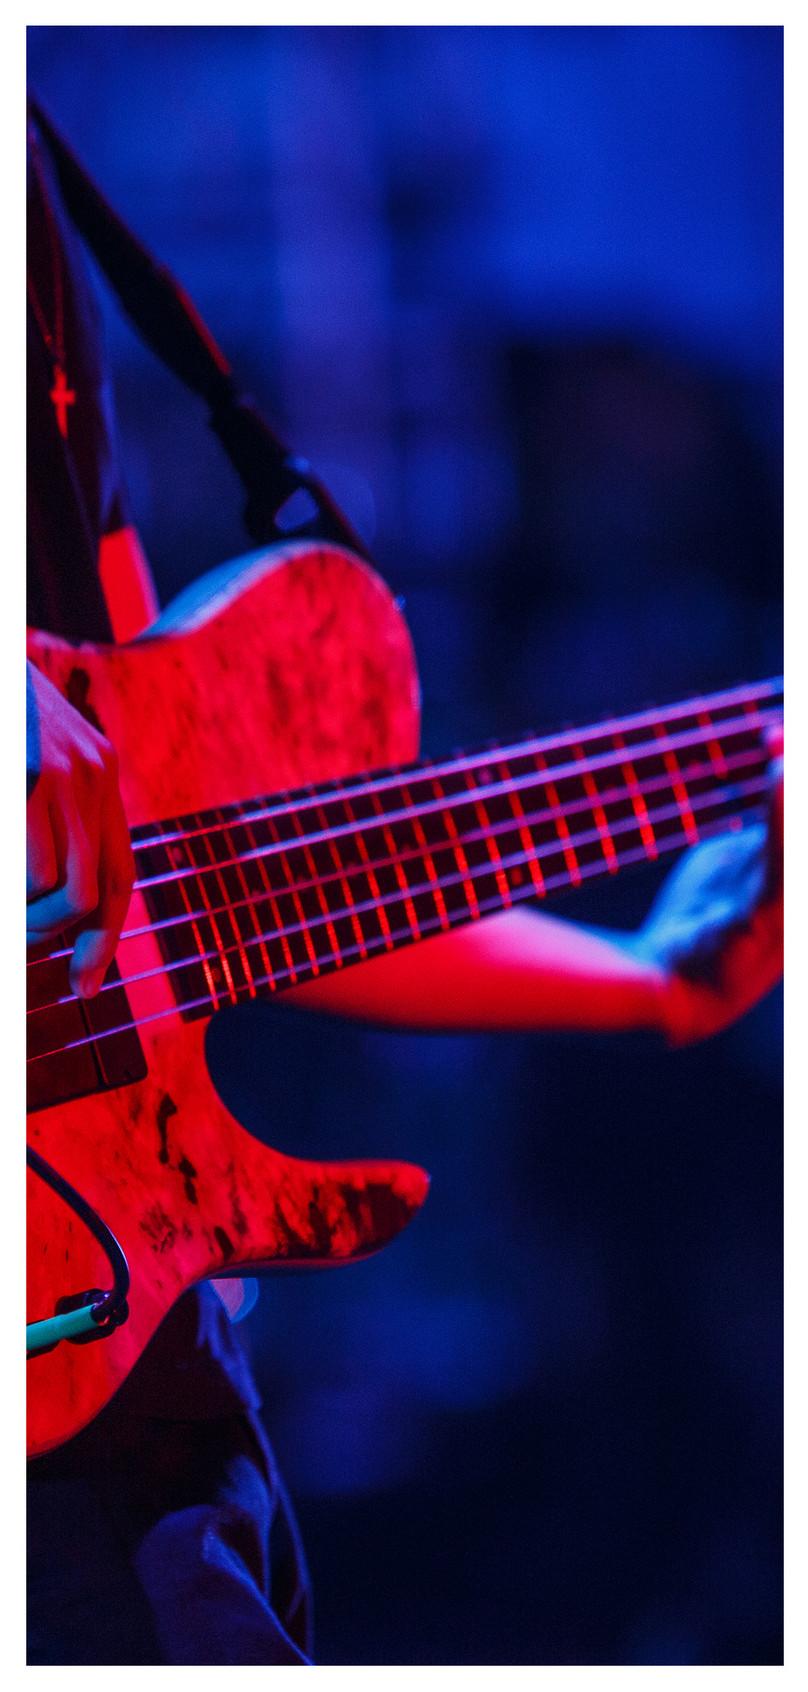 ギター電話の壁紙イメージ 背景 Id 400623780 Prf画像フォーマット